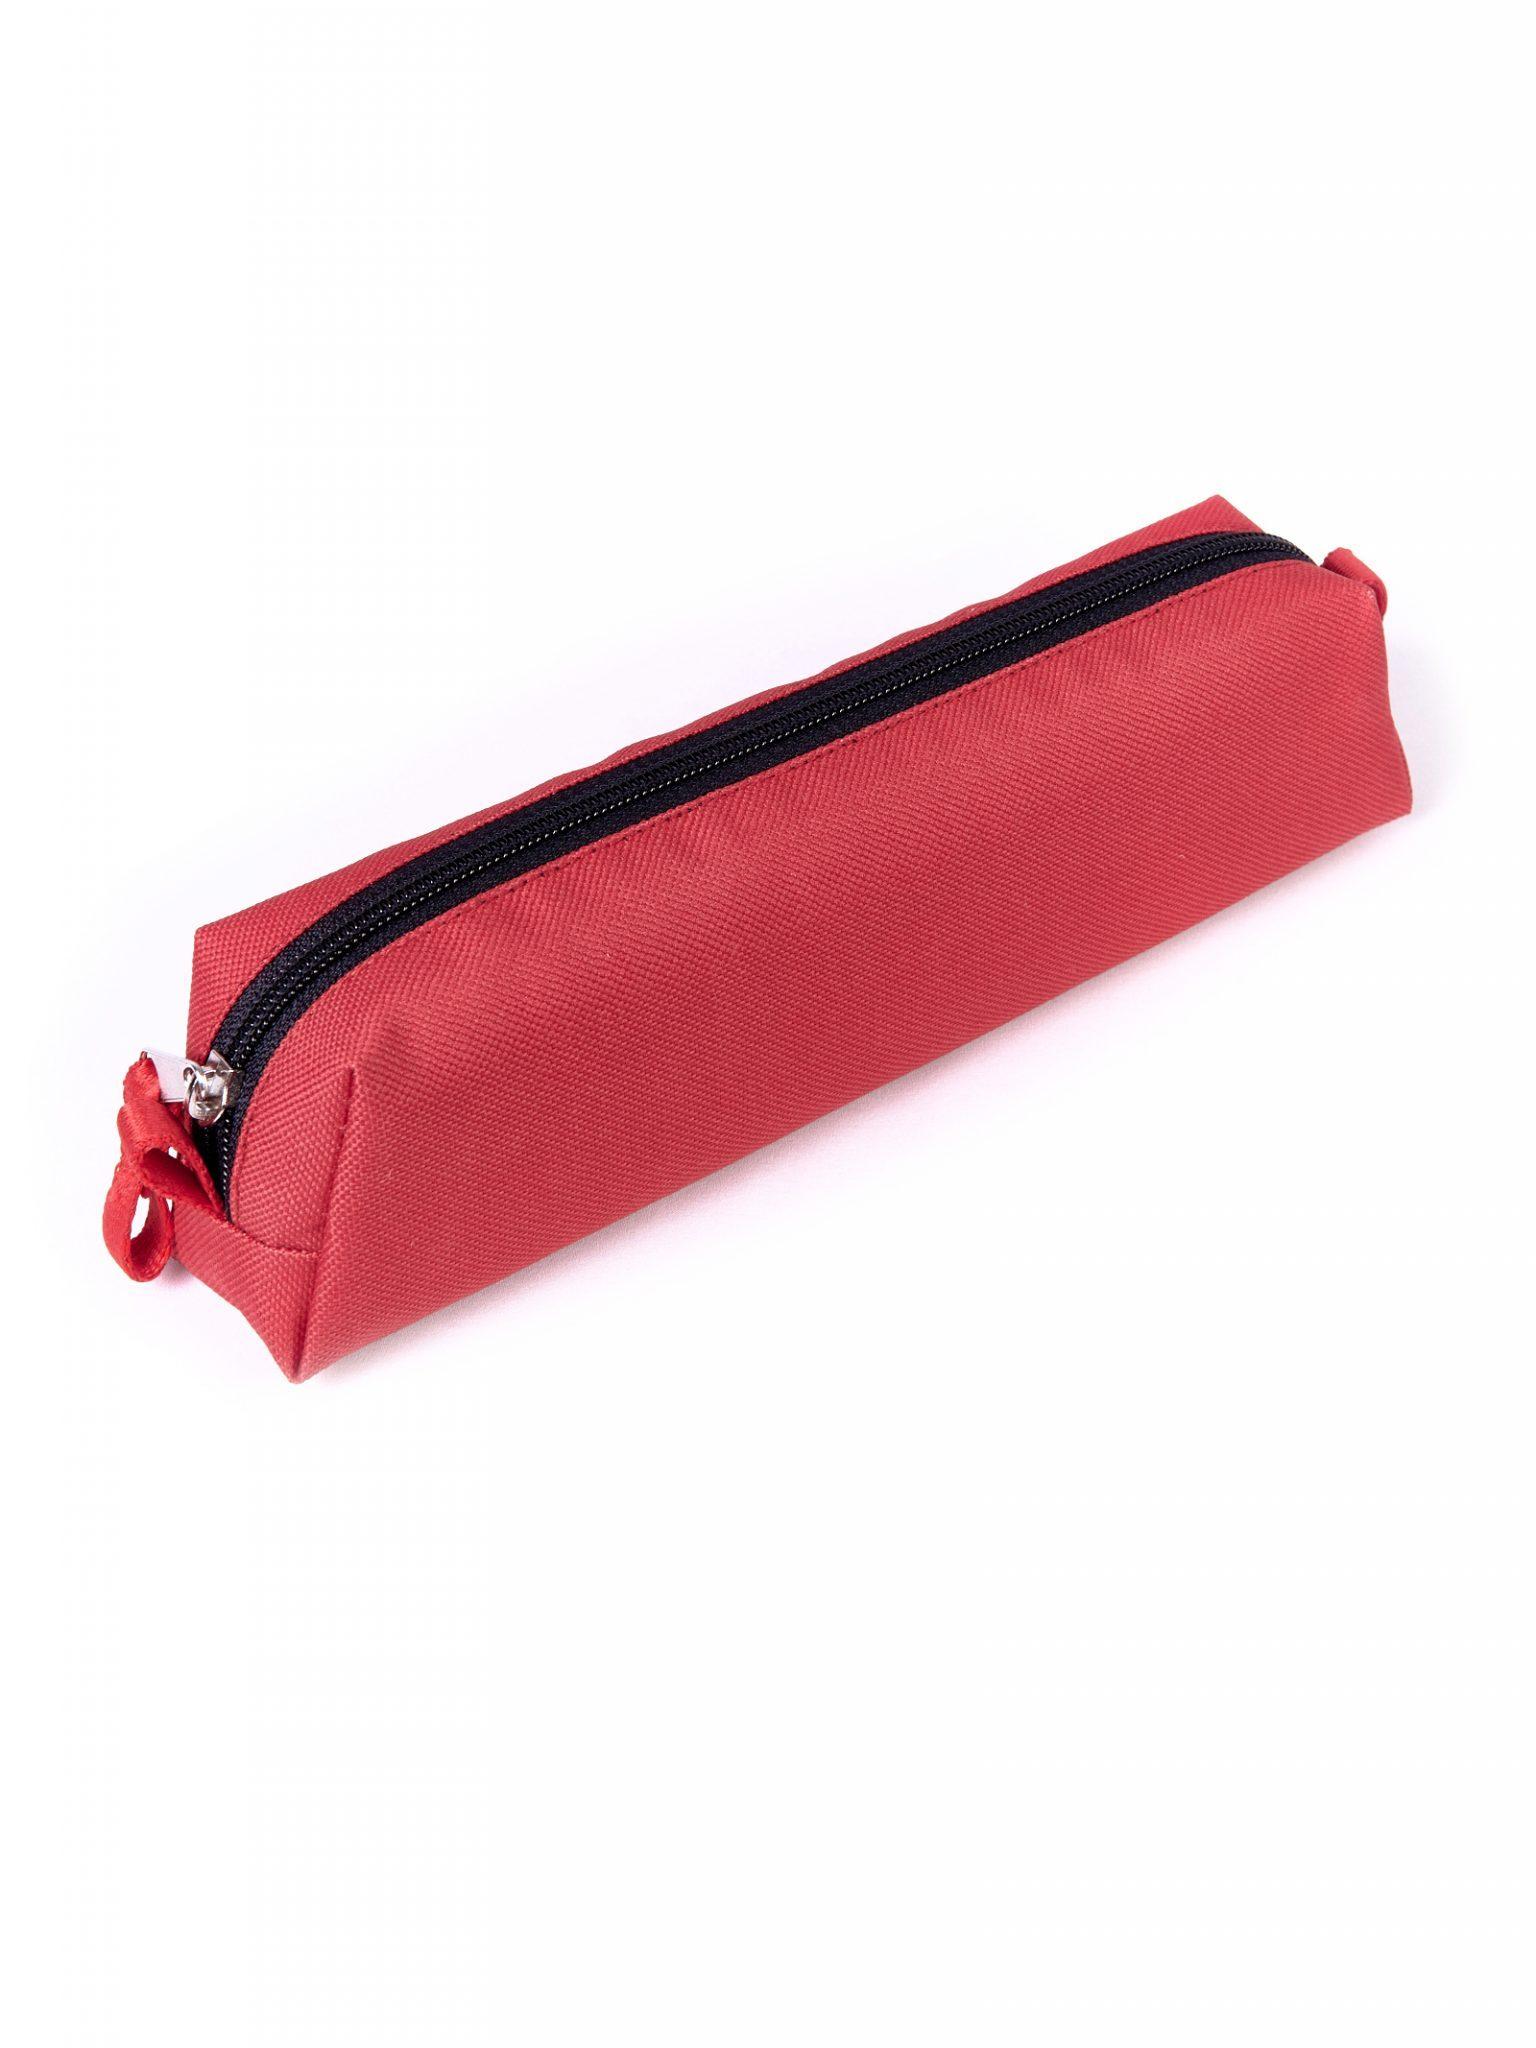 Пенал модель: Rondo цвет: Красный